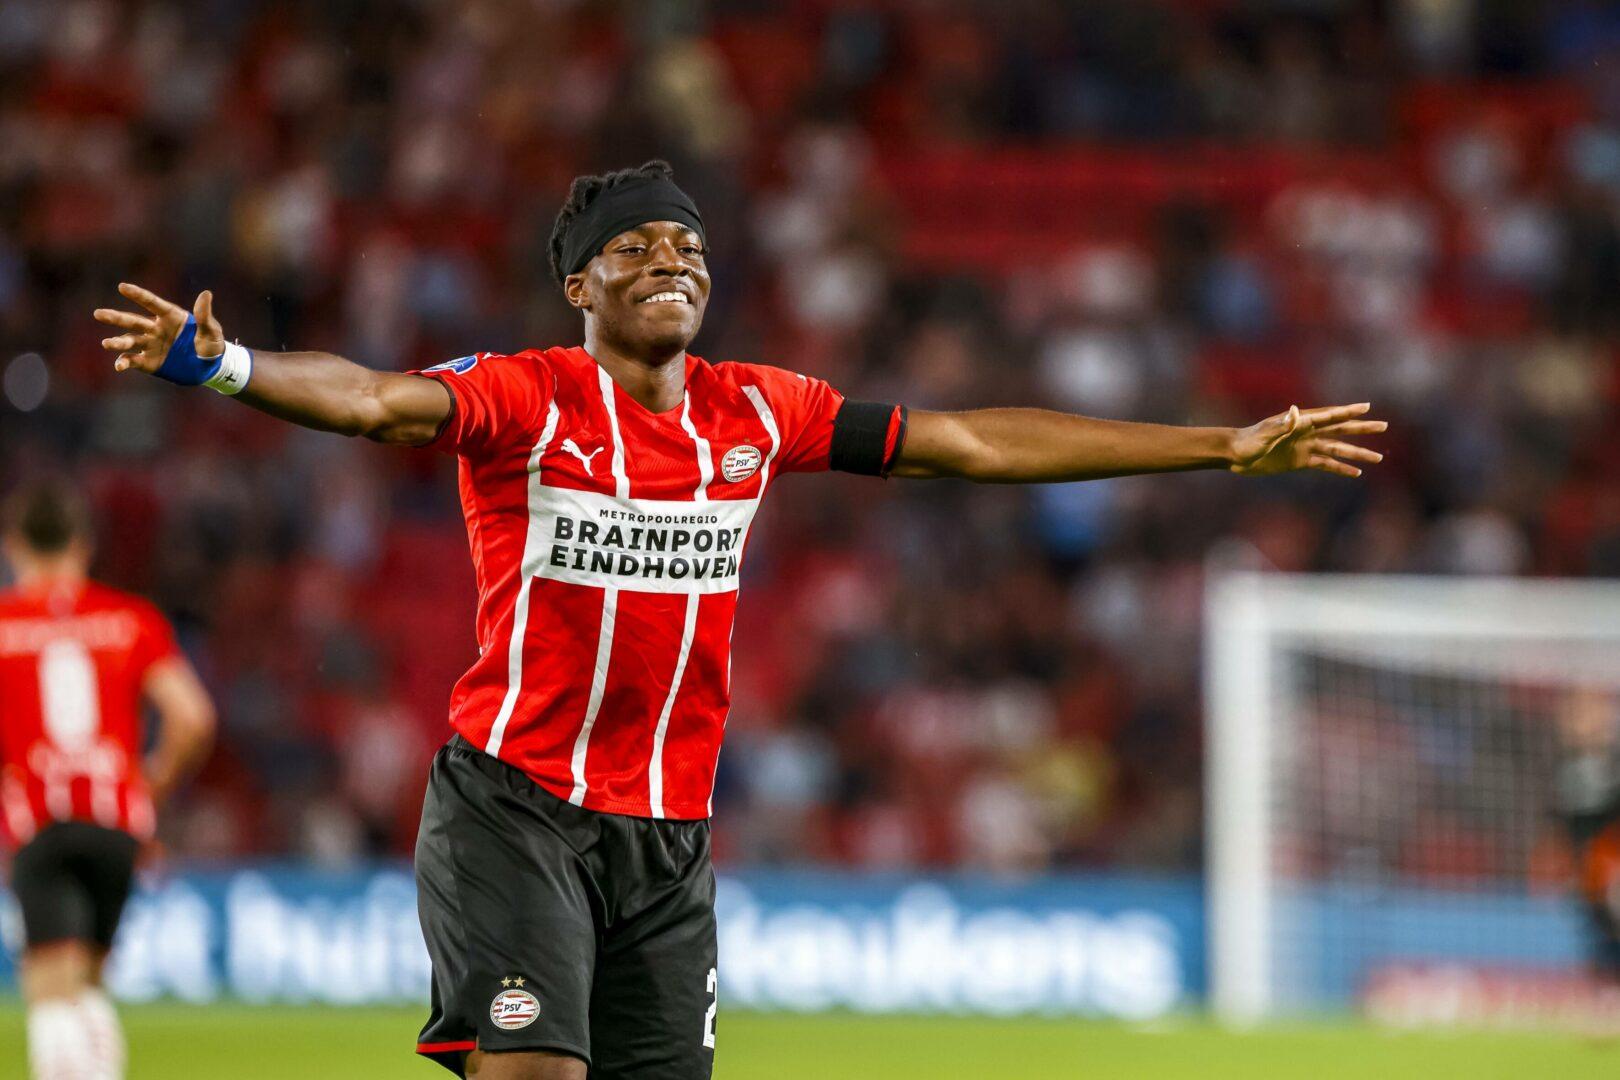 Noni Madueke bejubelt einen seiner Treffer für die PSV Eindhoven beim 4:0-Erfolg über Ajax Amsterdam im saisoneröffnenden Supercup.